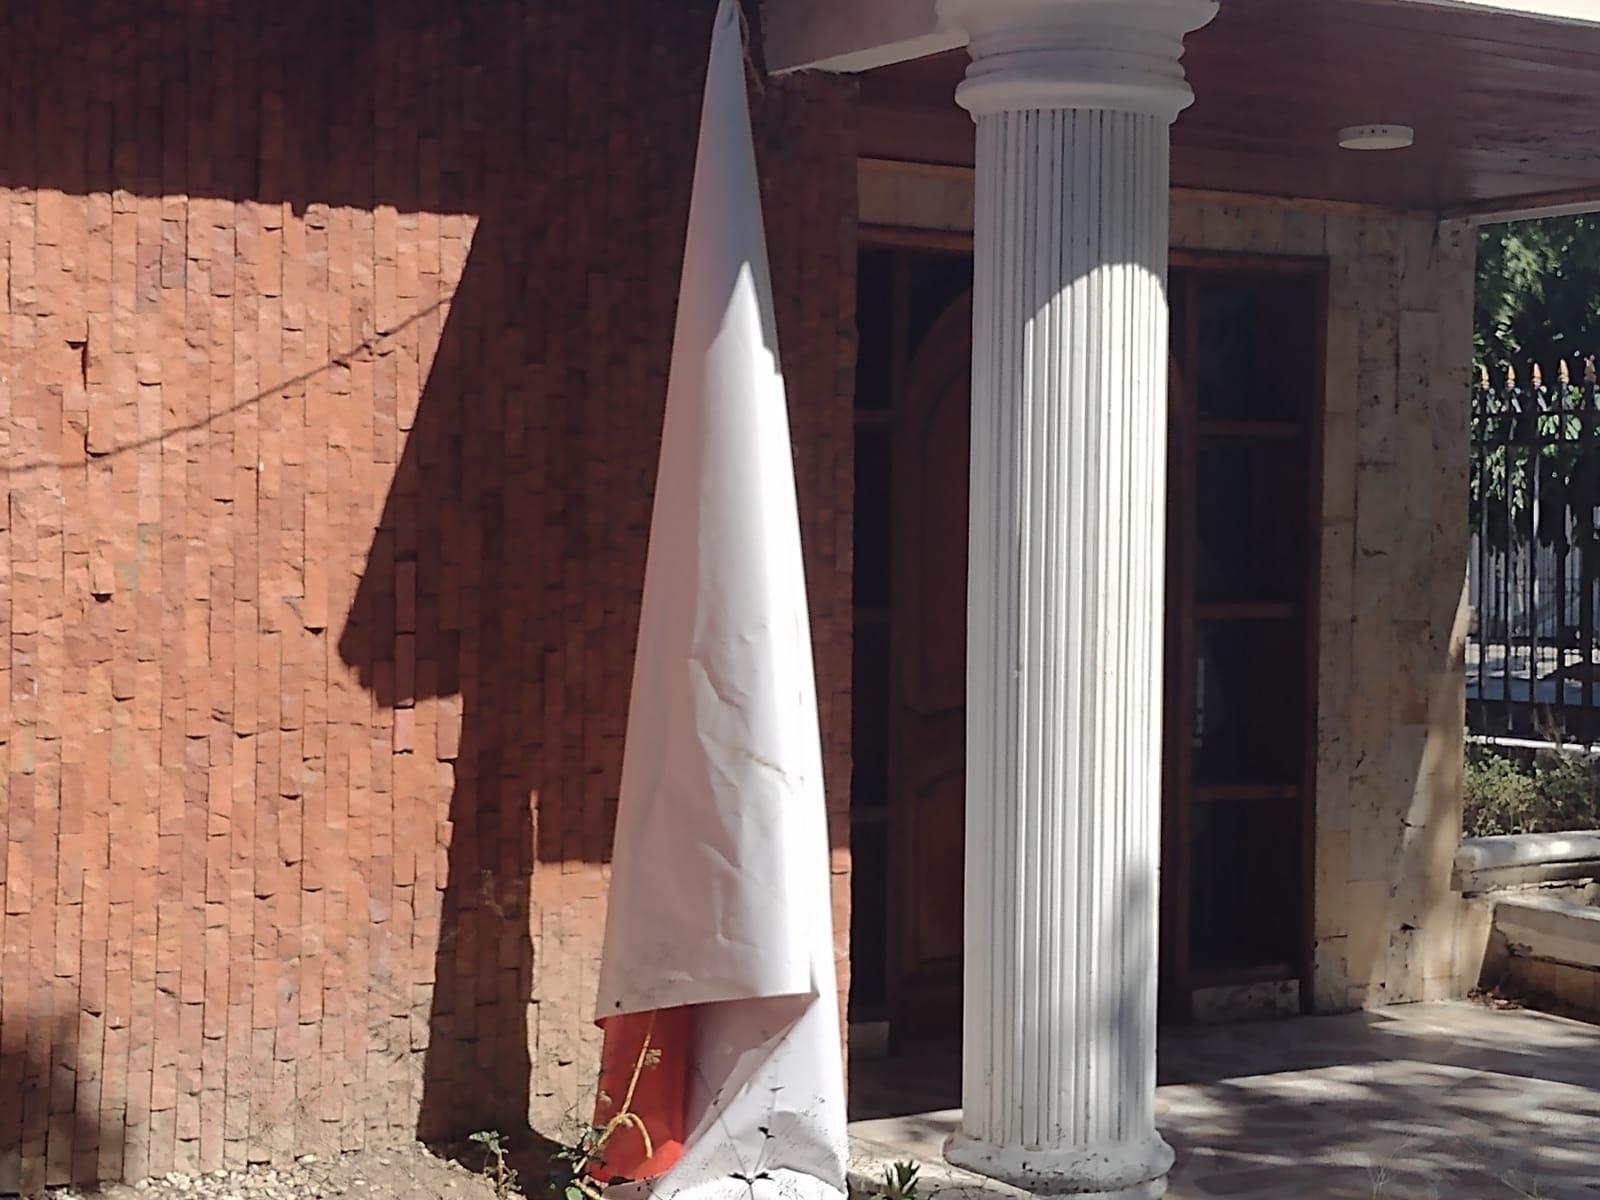 En la fachada cuelgan los vestigios de la inauguración de hace cuatro meses. ¿Una falsa inauguración?